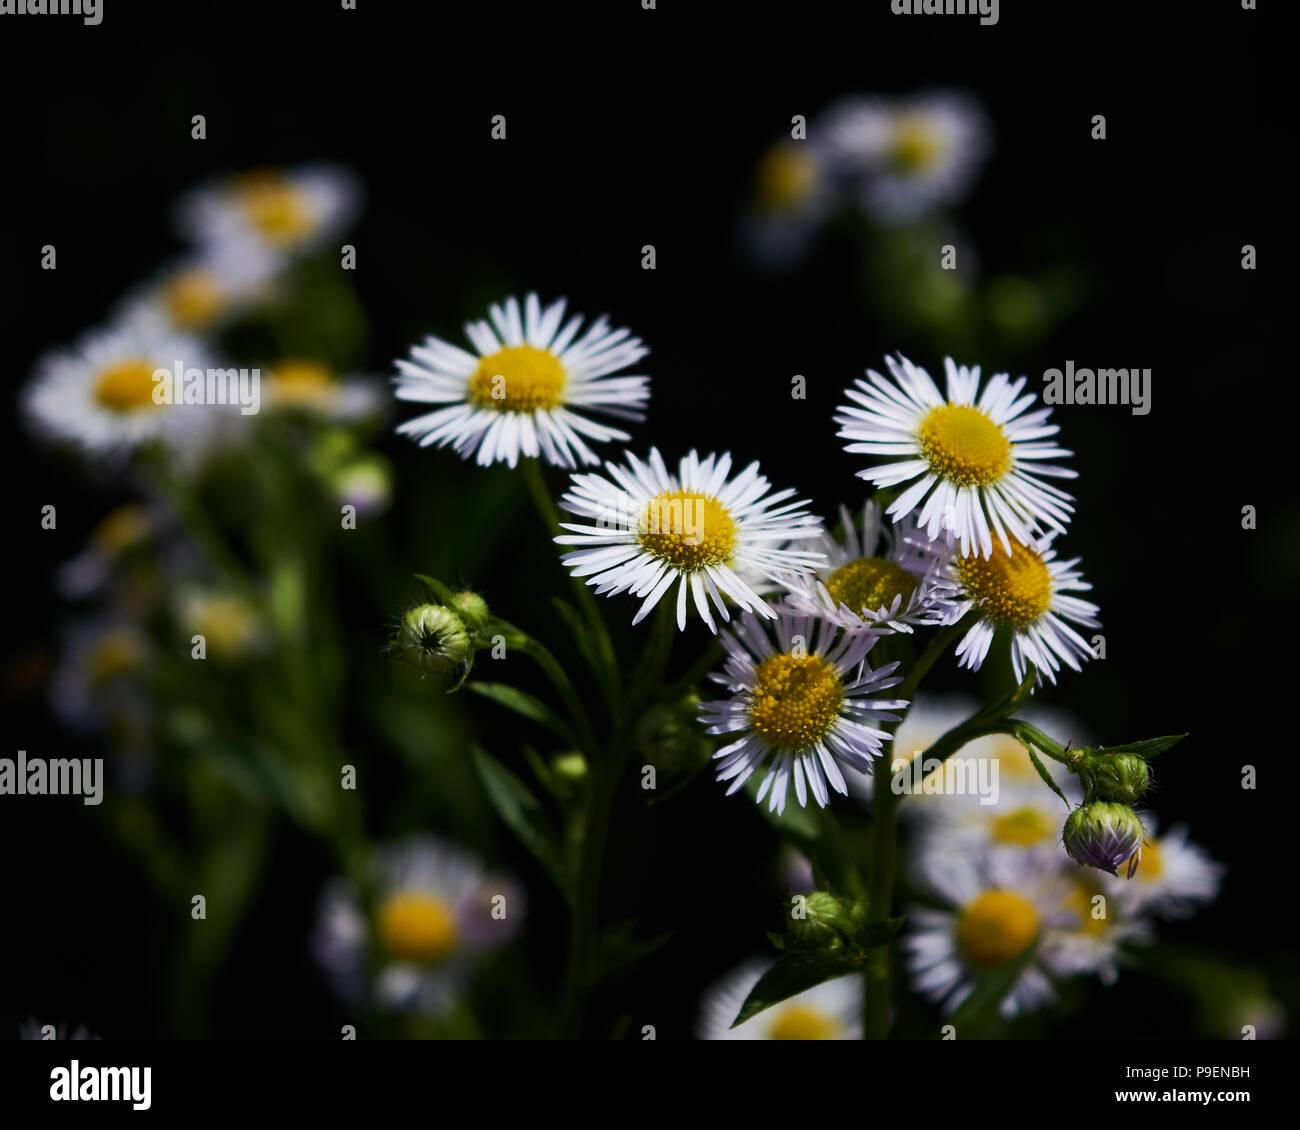 Weisse Blumen Schwarz Hintergrund Isoliert Stockfoto Bild 212380437